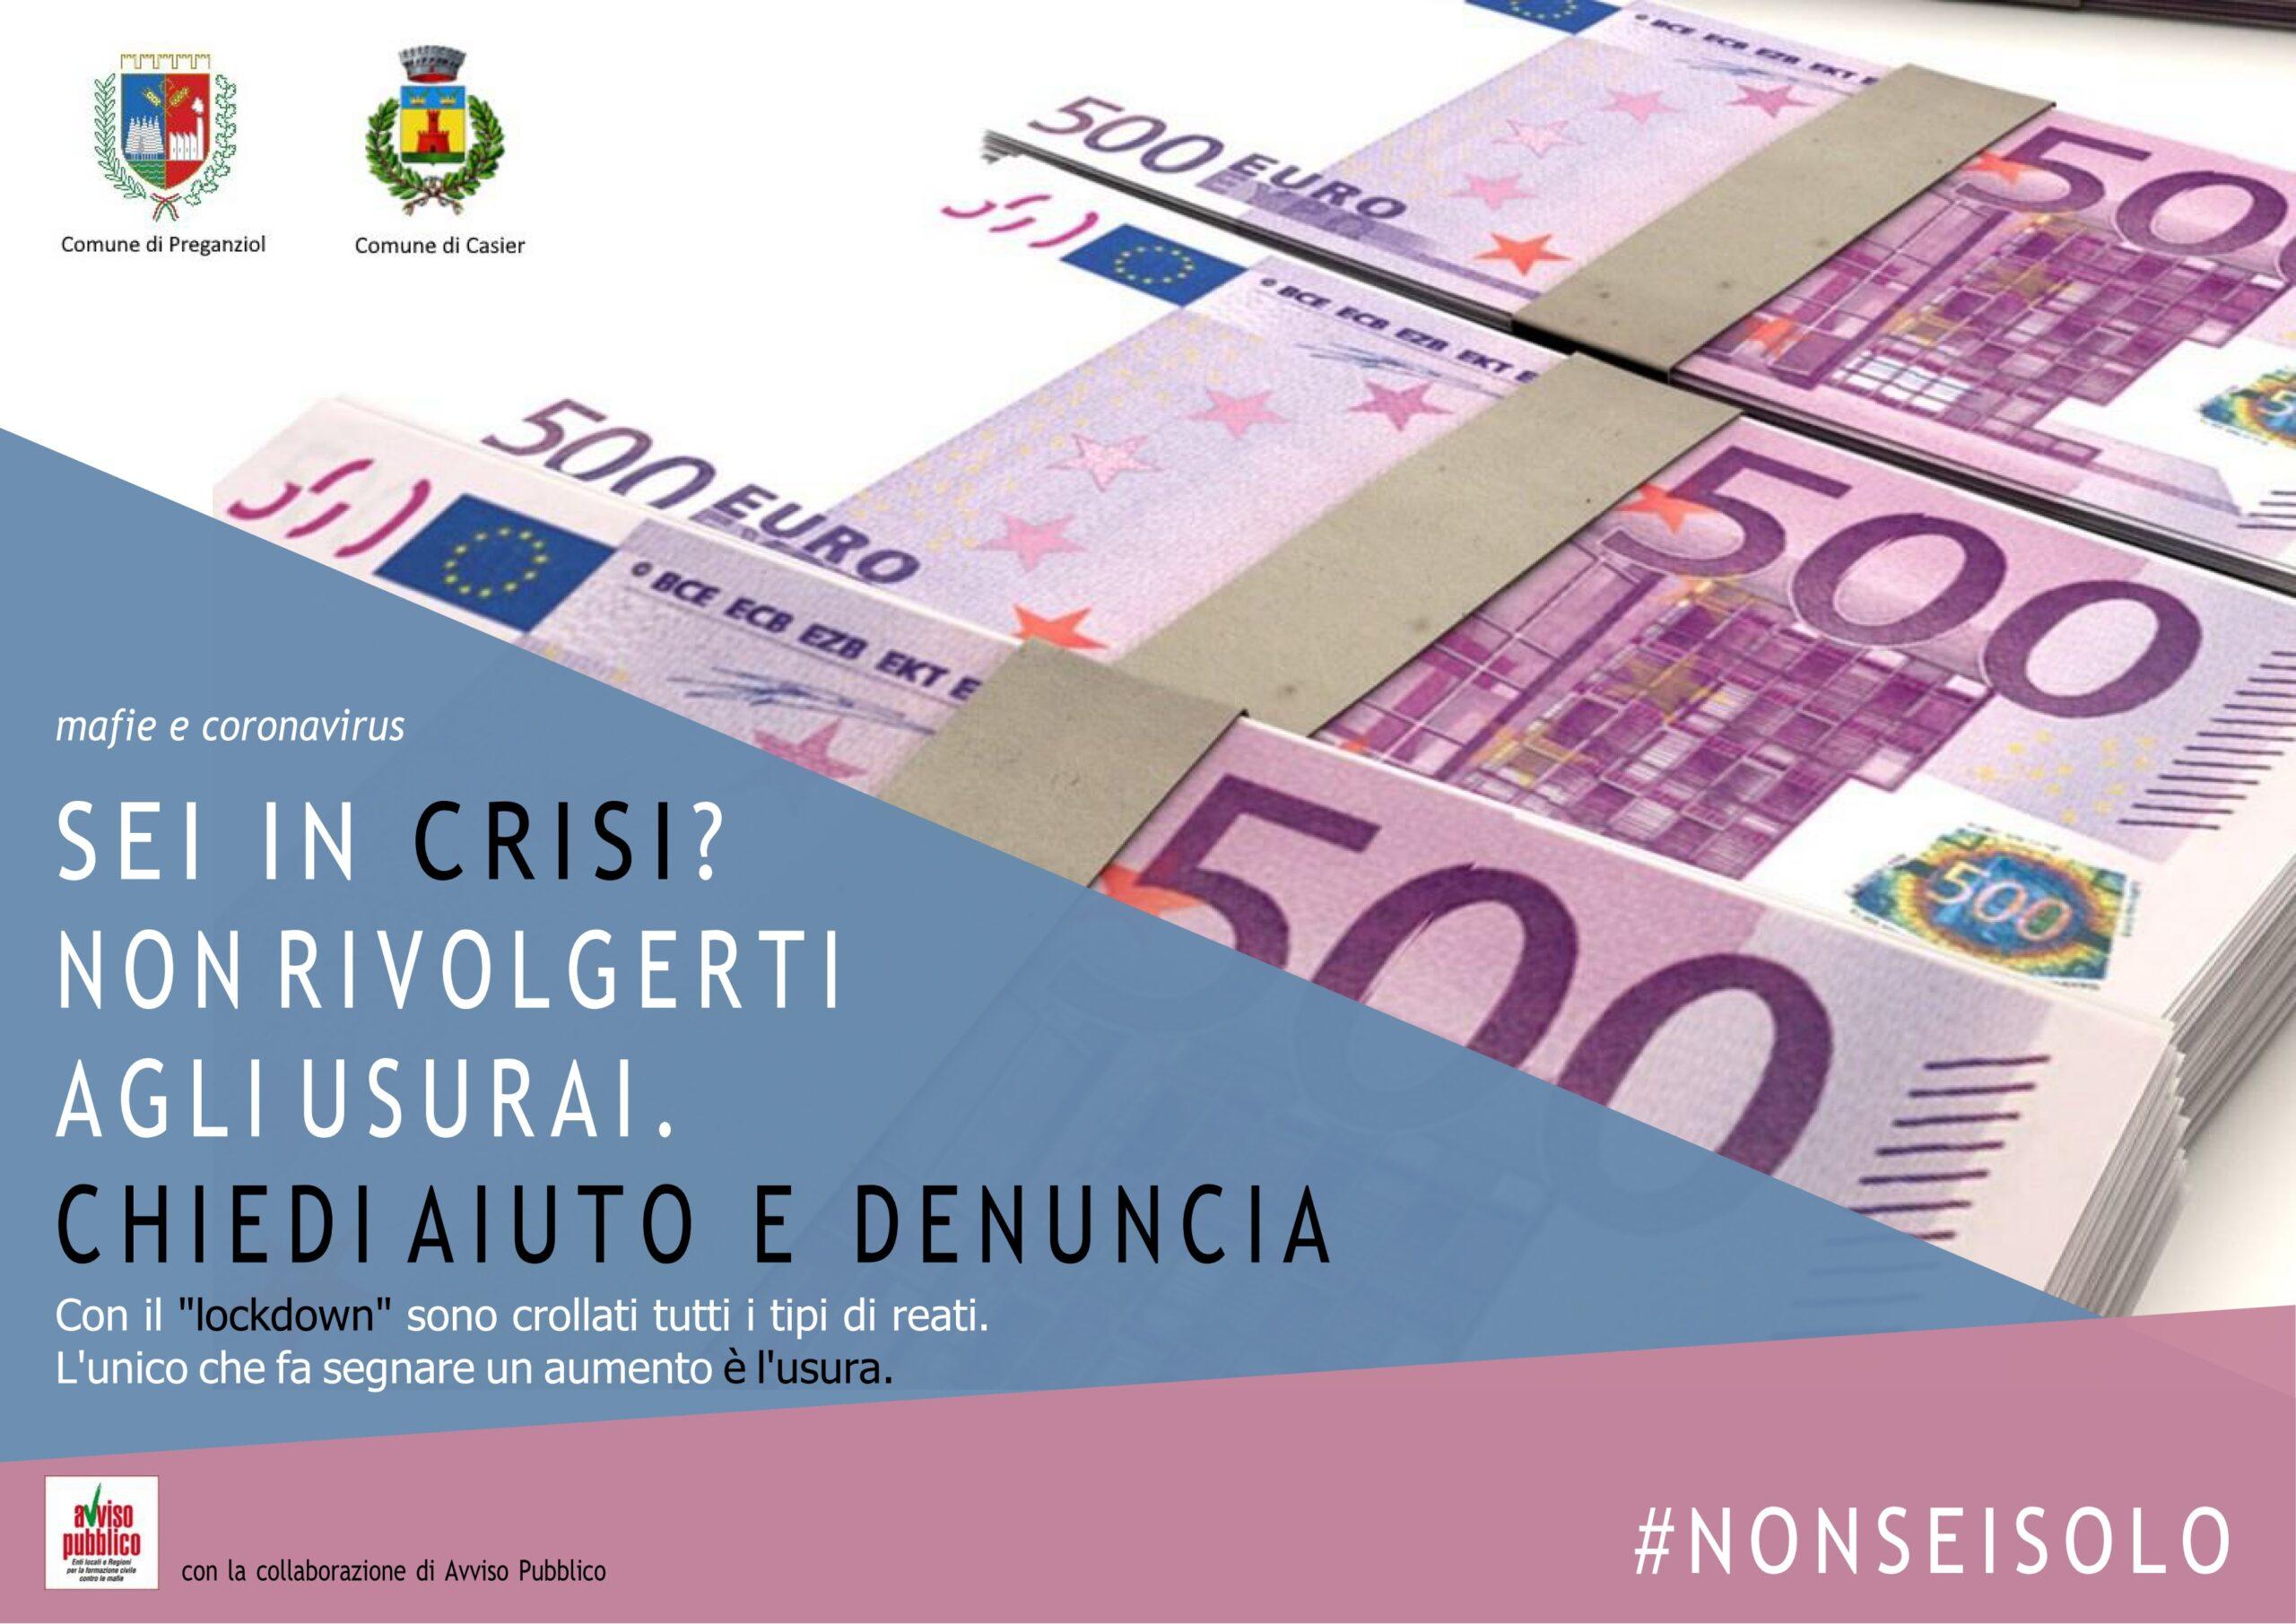 Sei in crisi? Non rivolgerti agli usurai. Chiedi aiuto e denuncia. #NONSEISOLO